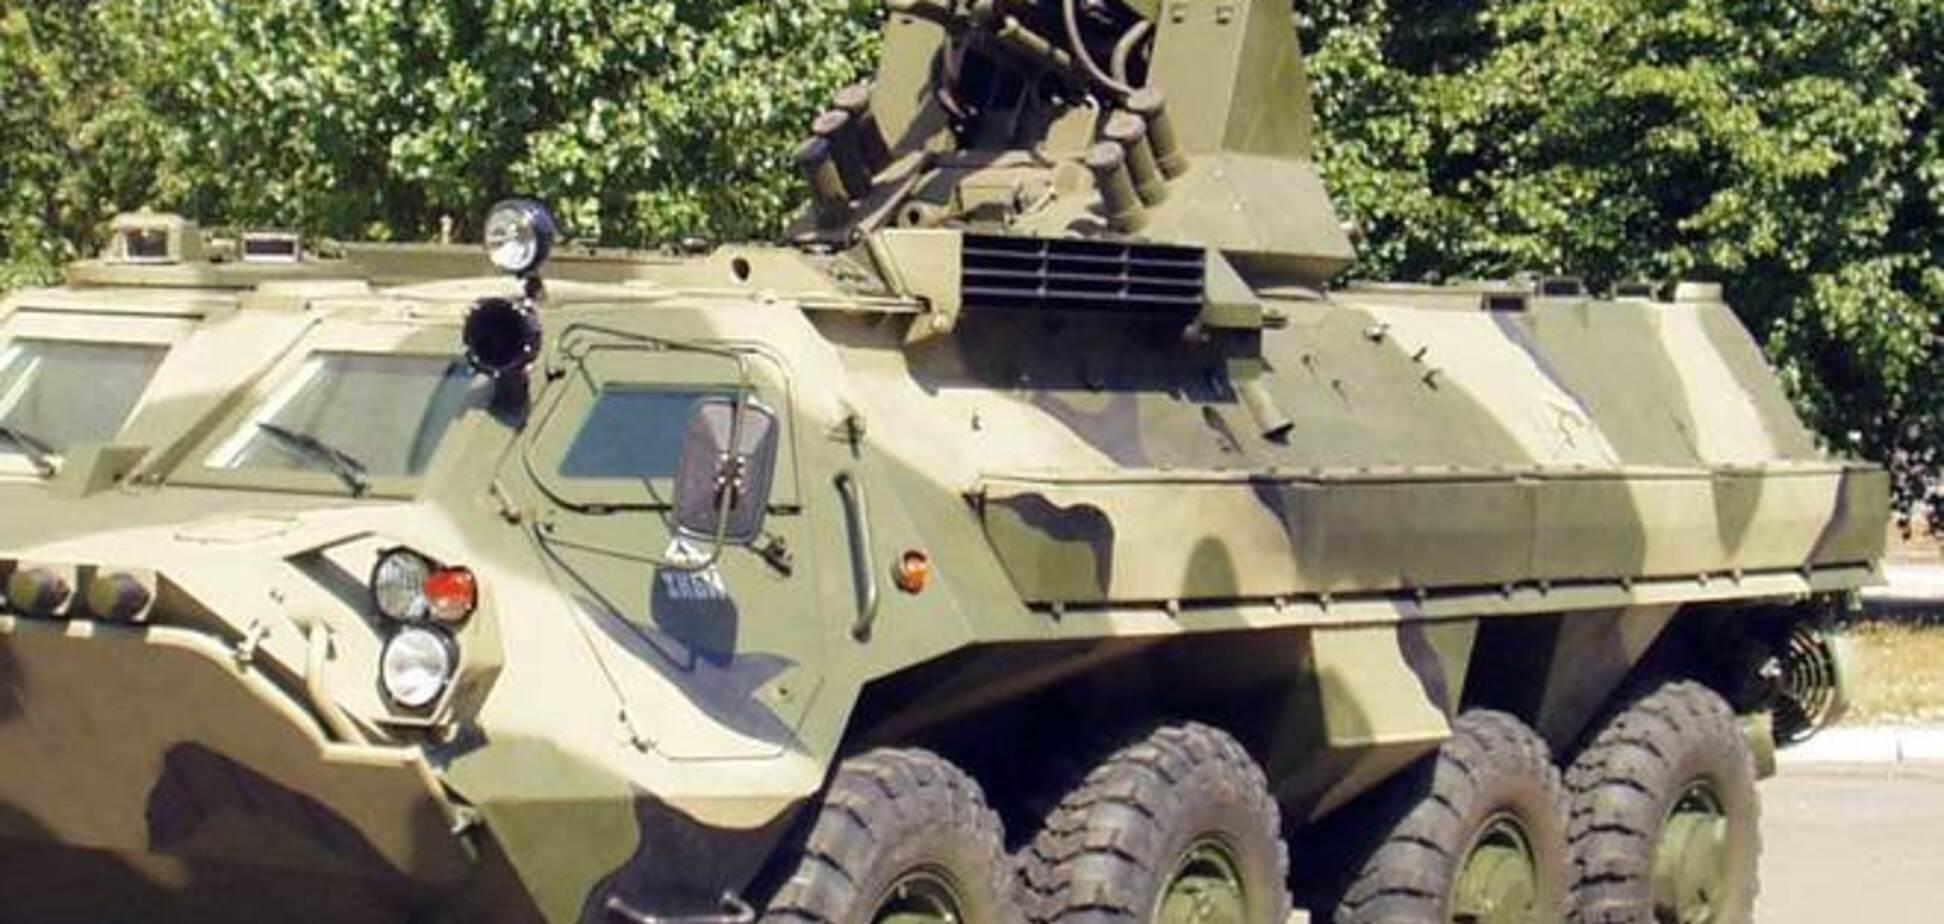 Близько 300 терористів зайняли місто на Донеччині - нардеп